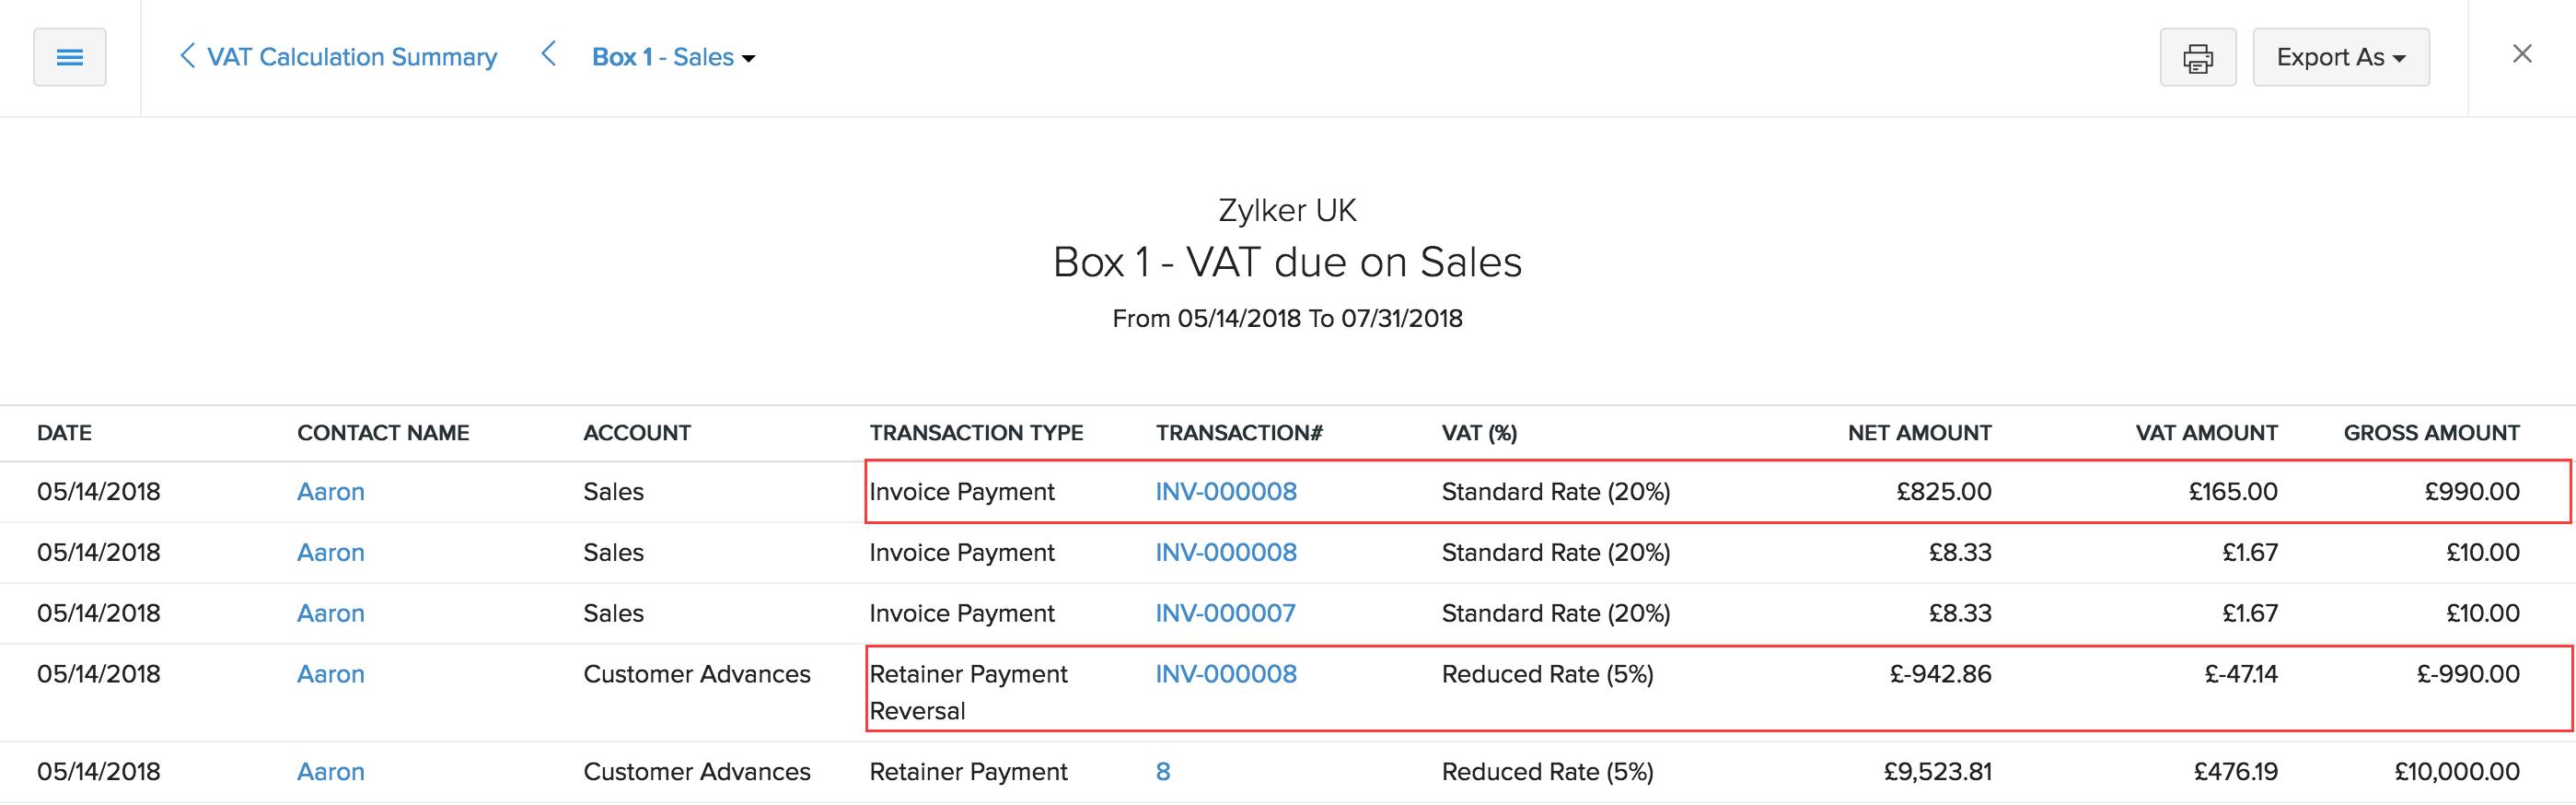 VAT Calculation Summary